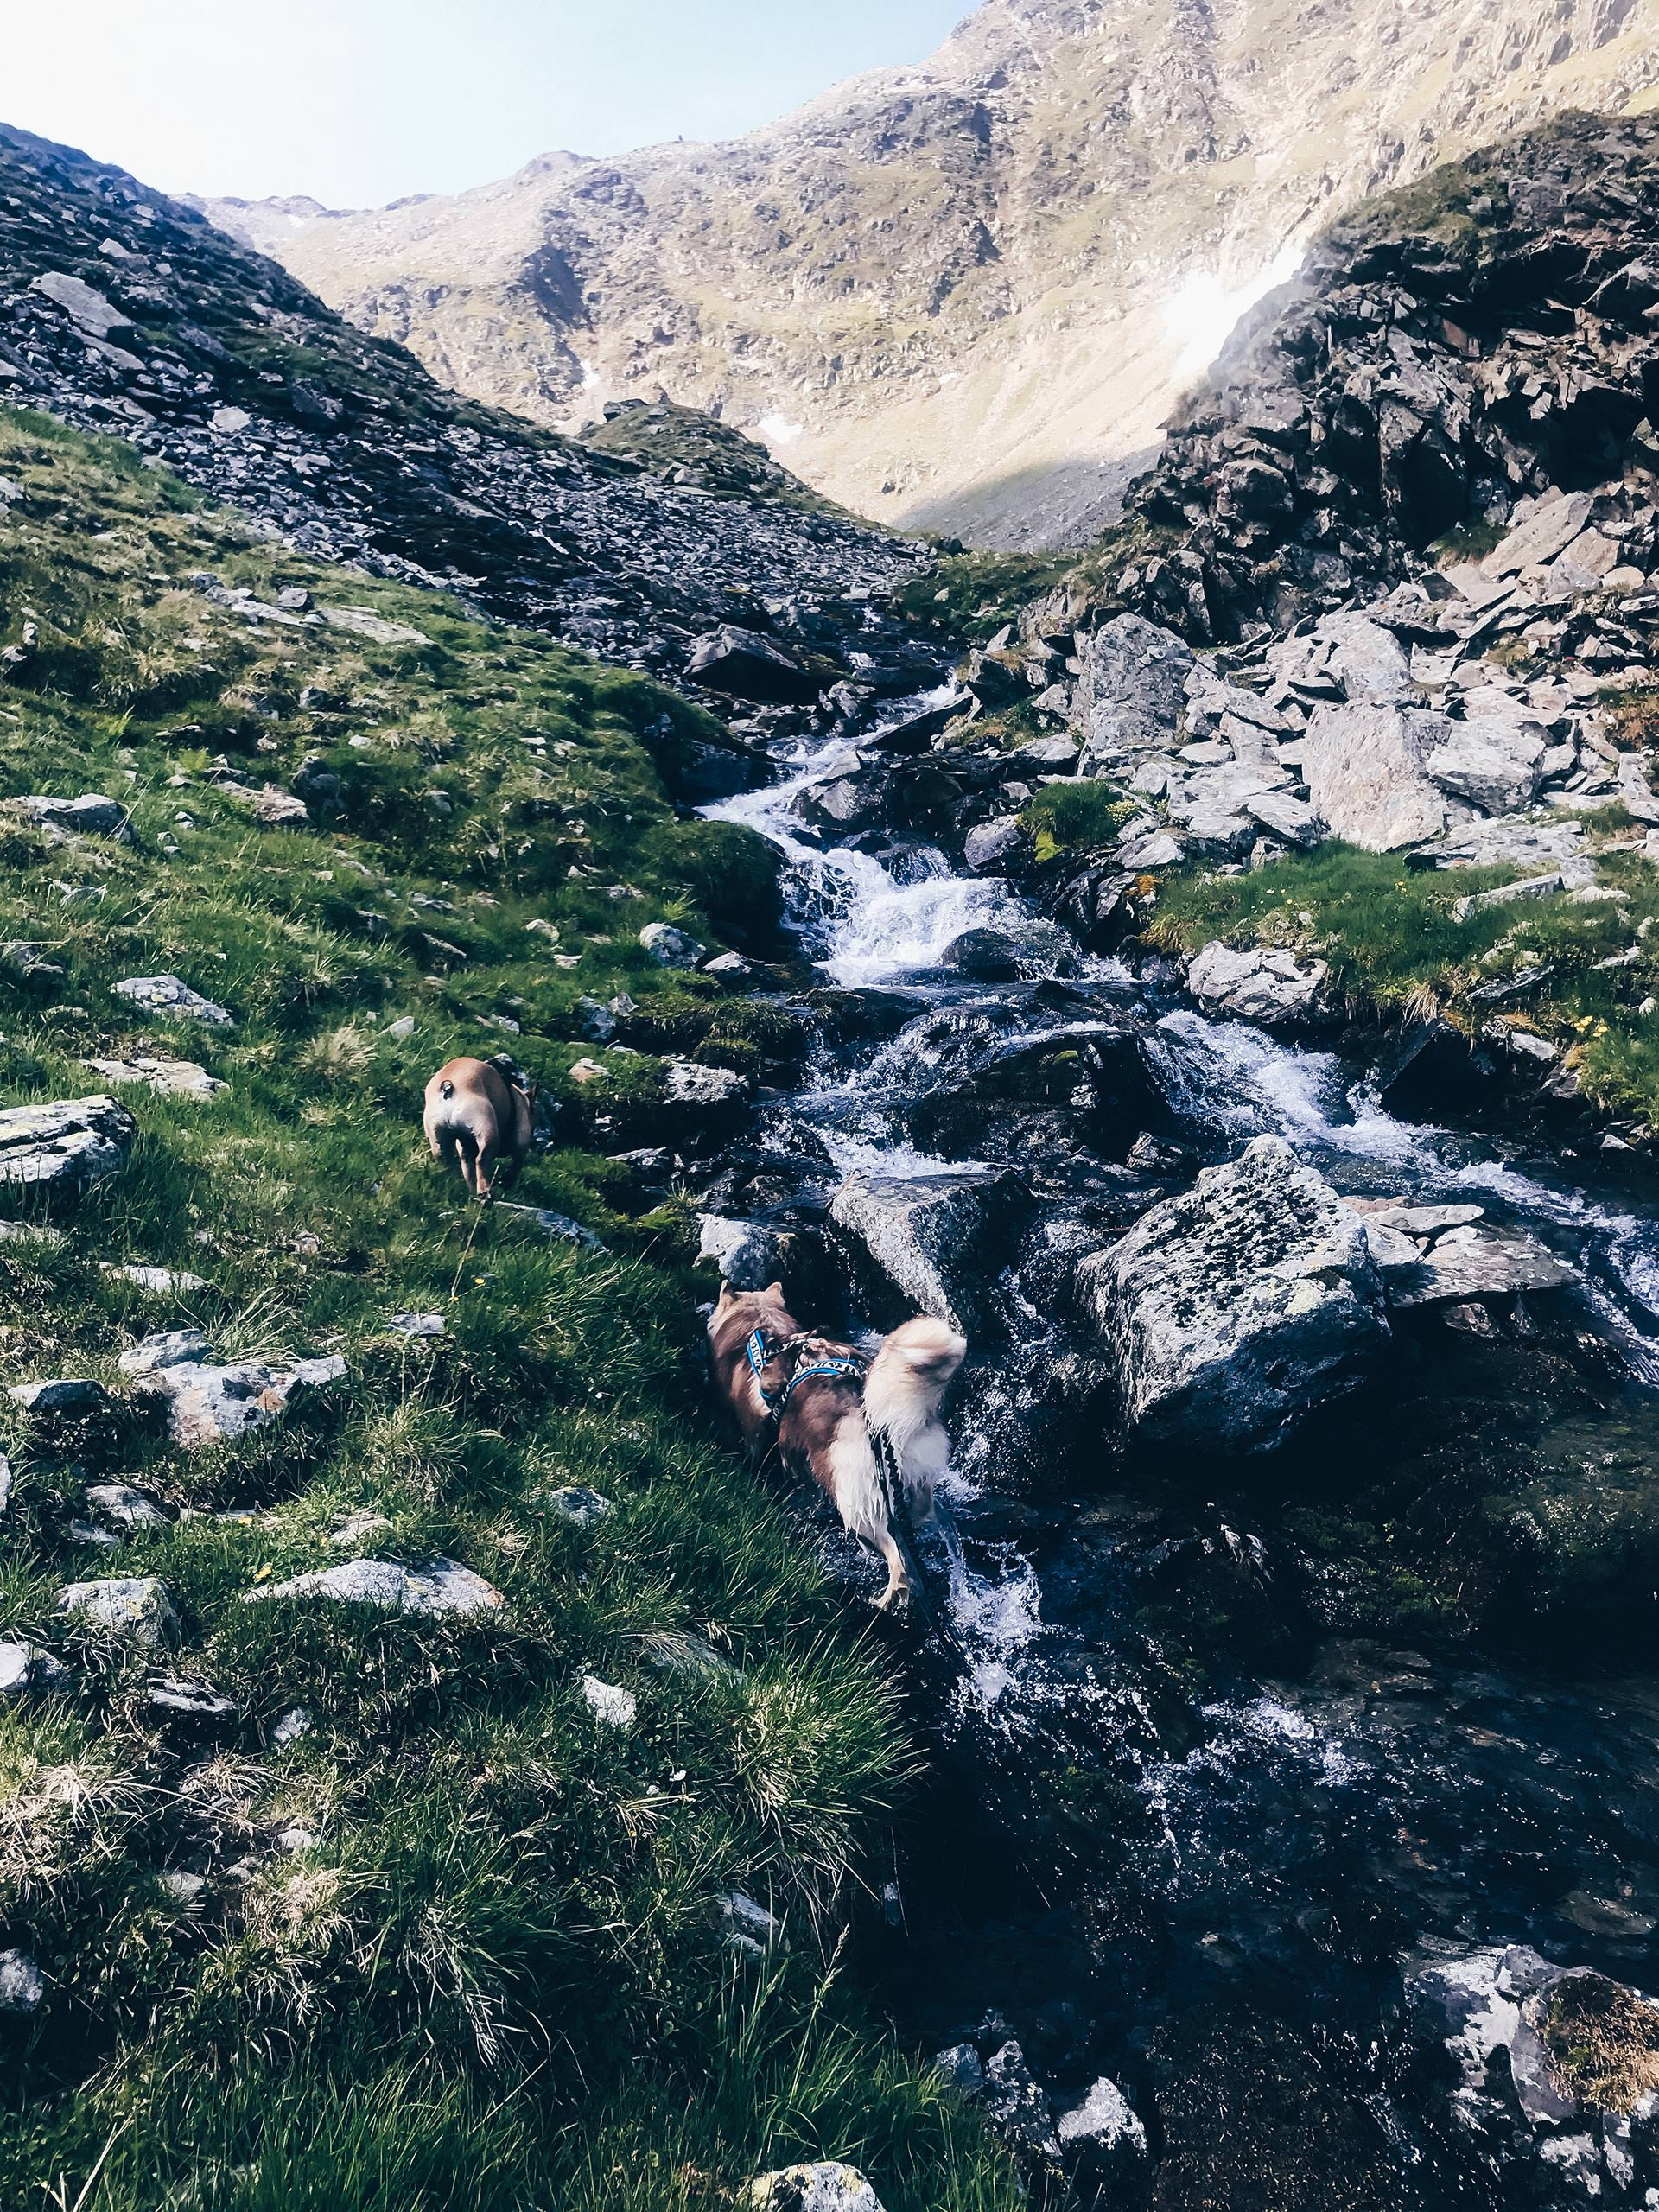 Wandern mit Hund in Tirol, Hundstalsee, Inzinger Alm, Leben mit Hund, Alltag mit Hund, Hundeblog, Wandertour mit Hund, Style Blog, sibirischer Husky, französische Bulldogge, www.whoismocca.com